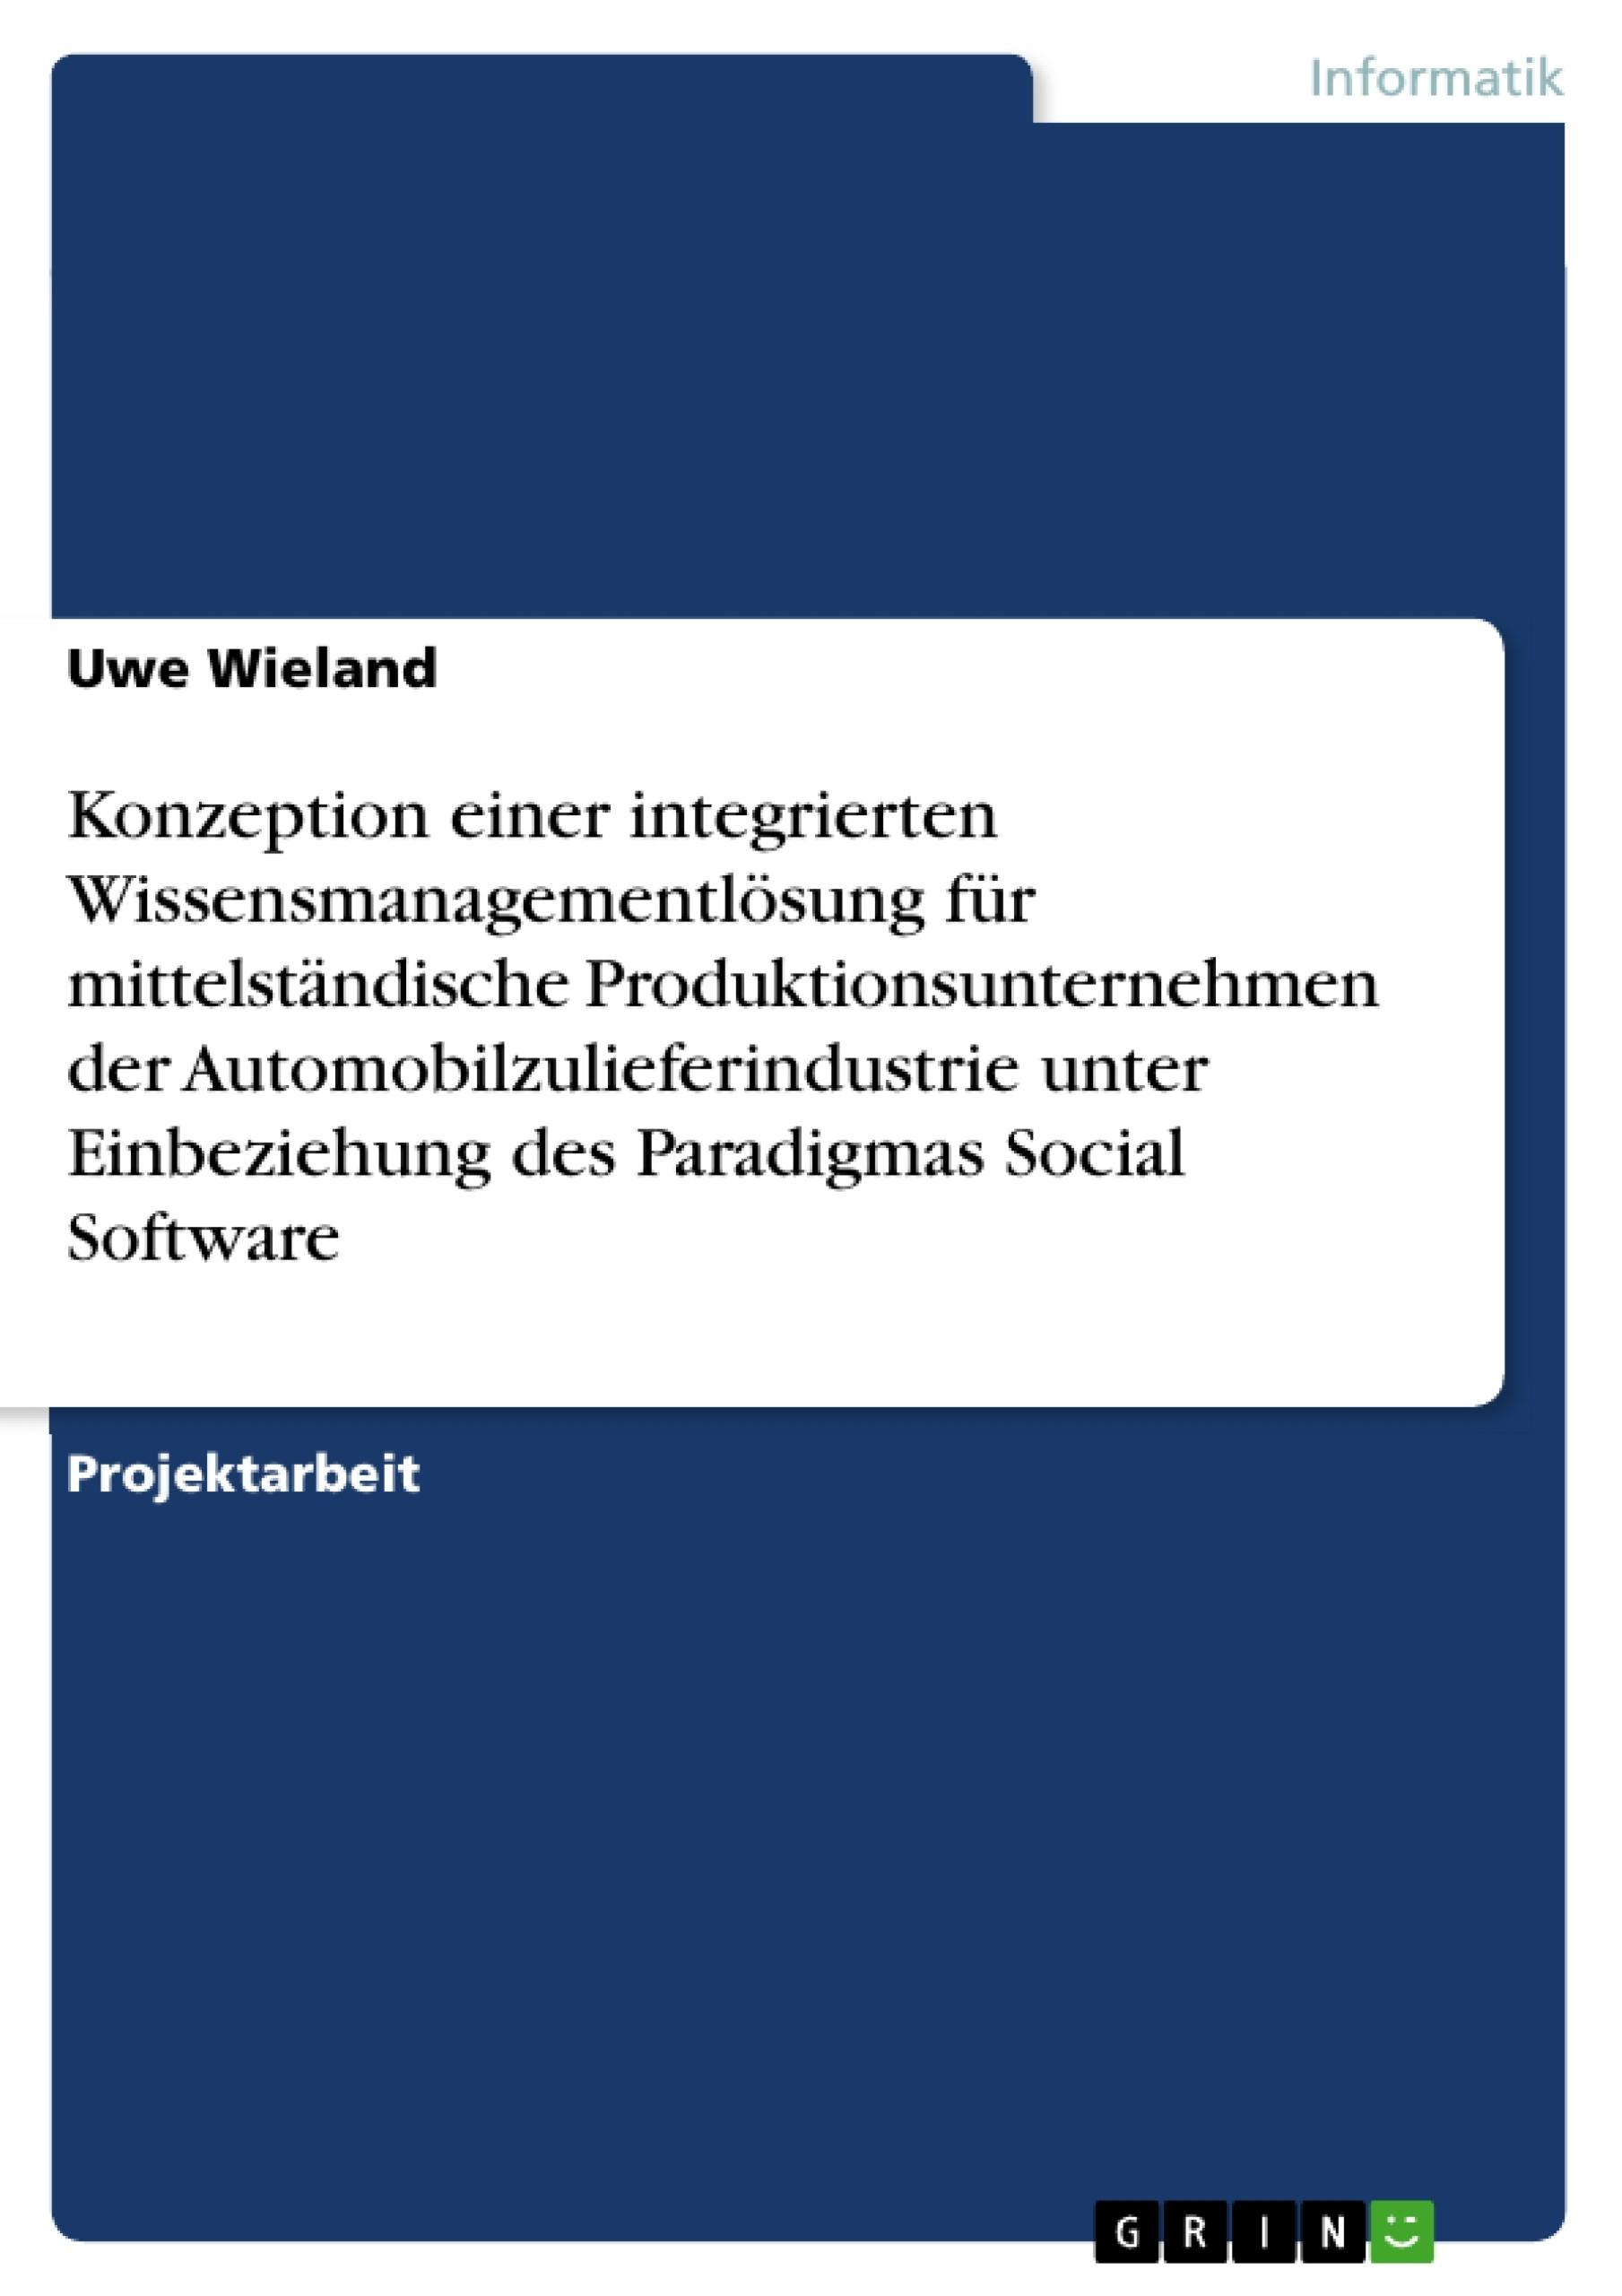 Titel: Konzeption einer integrierten Wissensmanagementlösung für mittelständische Produktionsunternehmen der Automobilzulieferindustrie unter Einbeziehung des Paradigmas Social Software